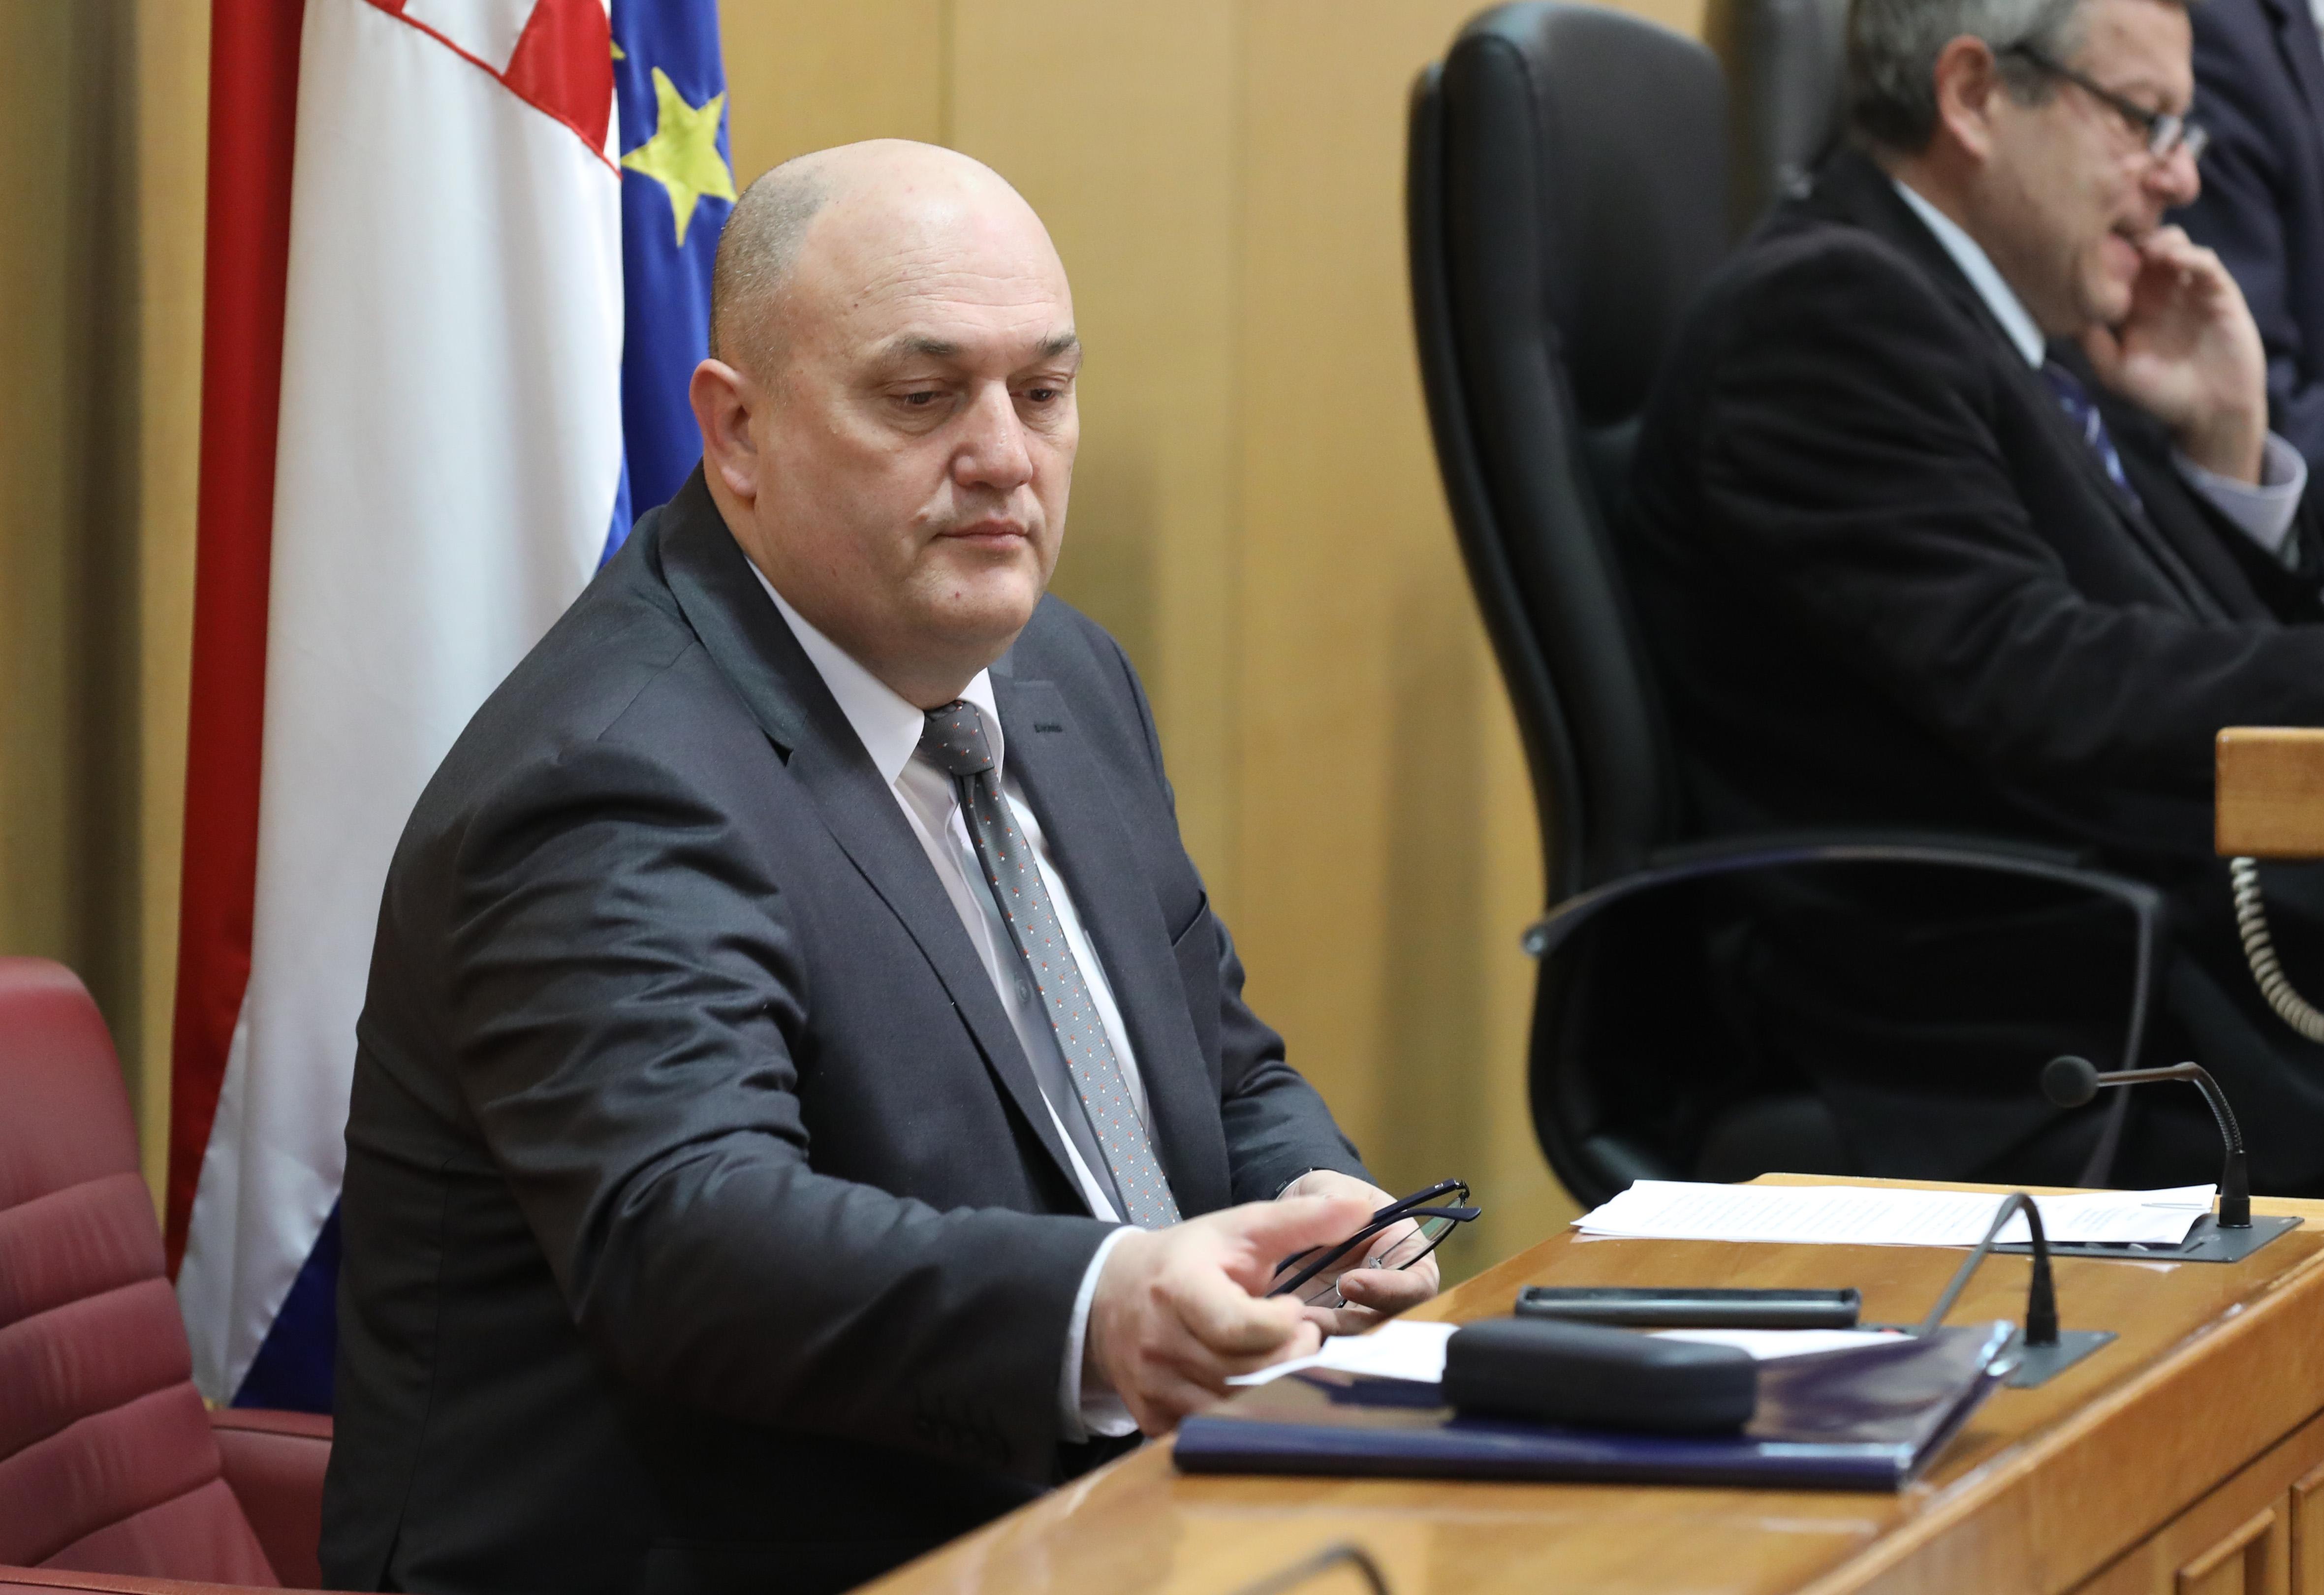 Zagreb, 14.03.2019 – Nastavak 11. sjednice Hrvatskog sabora. Na fotografiji Željko Krajičak. foto HINA/ Admir BULJUBAŠIĆ/ abu